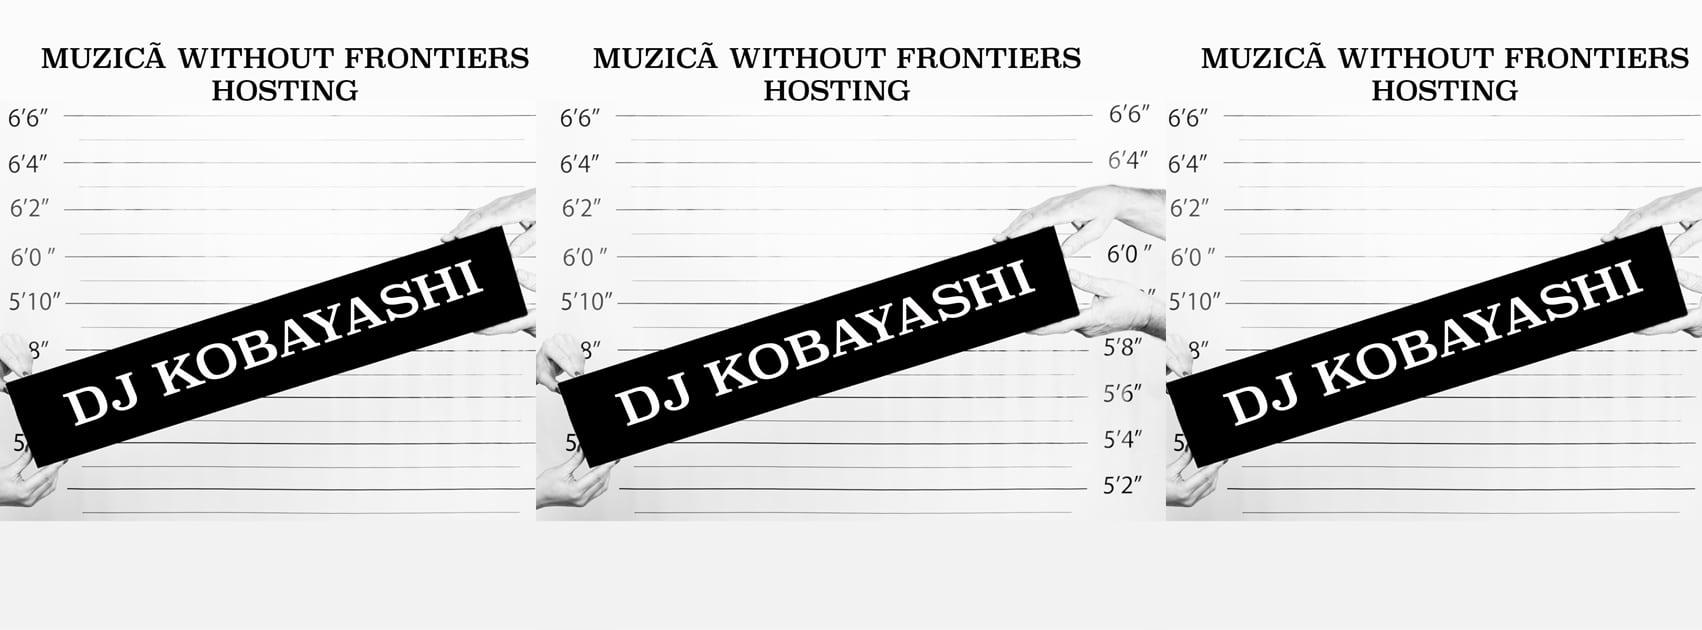 DJ Kobayashi at Muzicã Without Frontiers 4